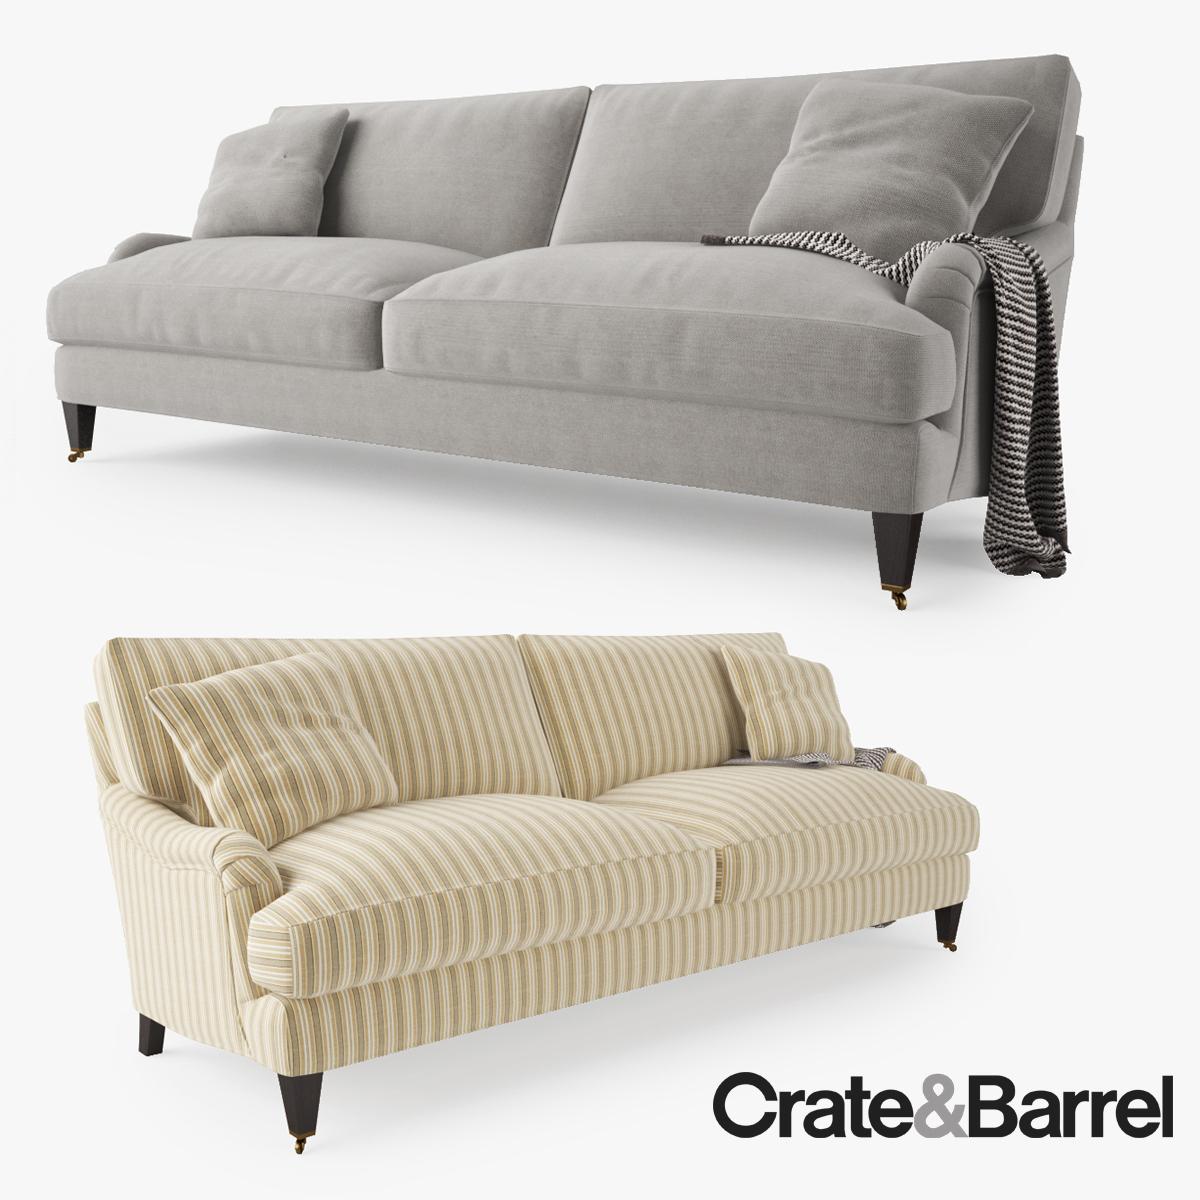 Max Crate Barrel Es Sofa